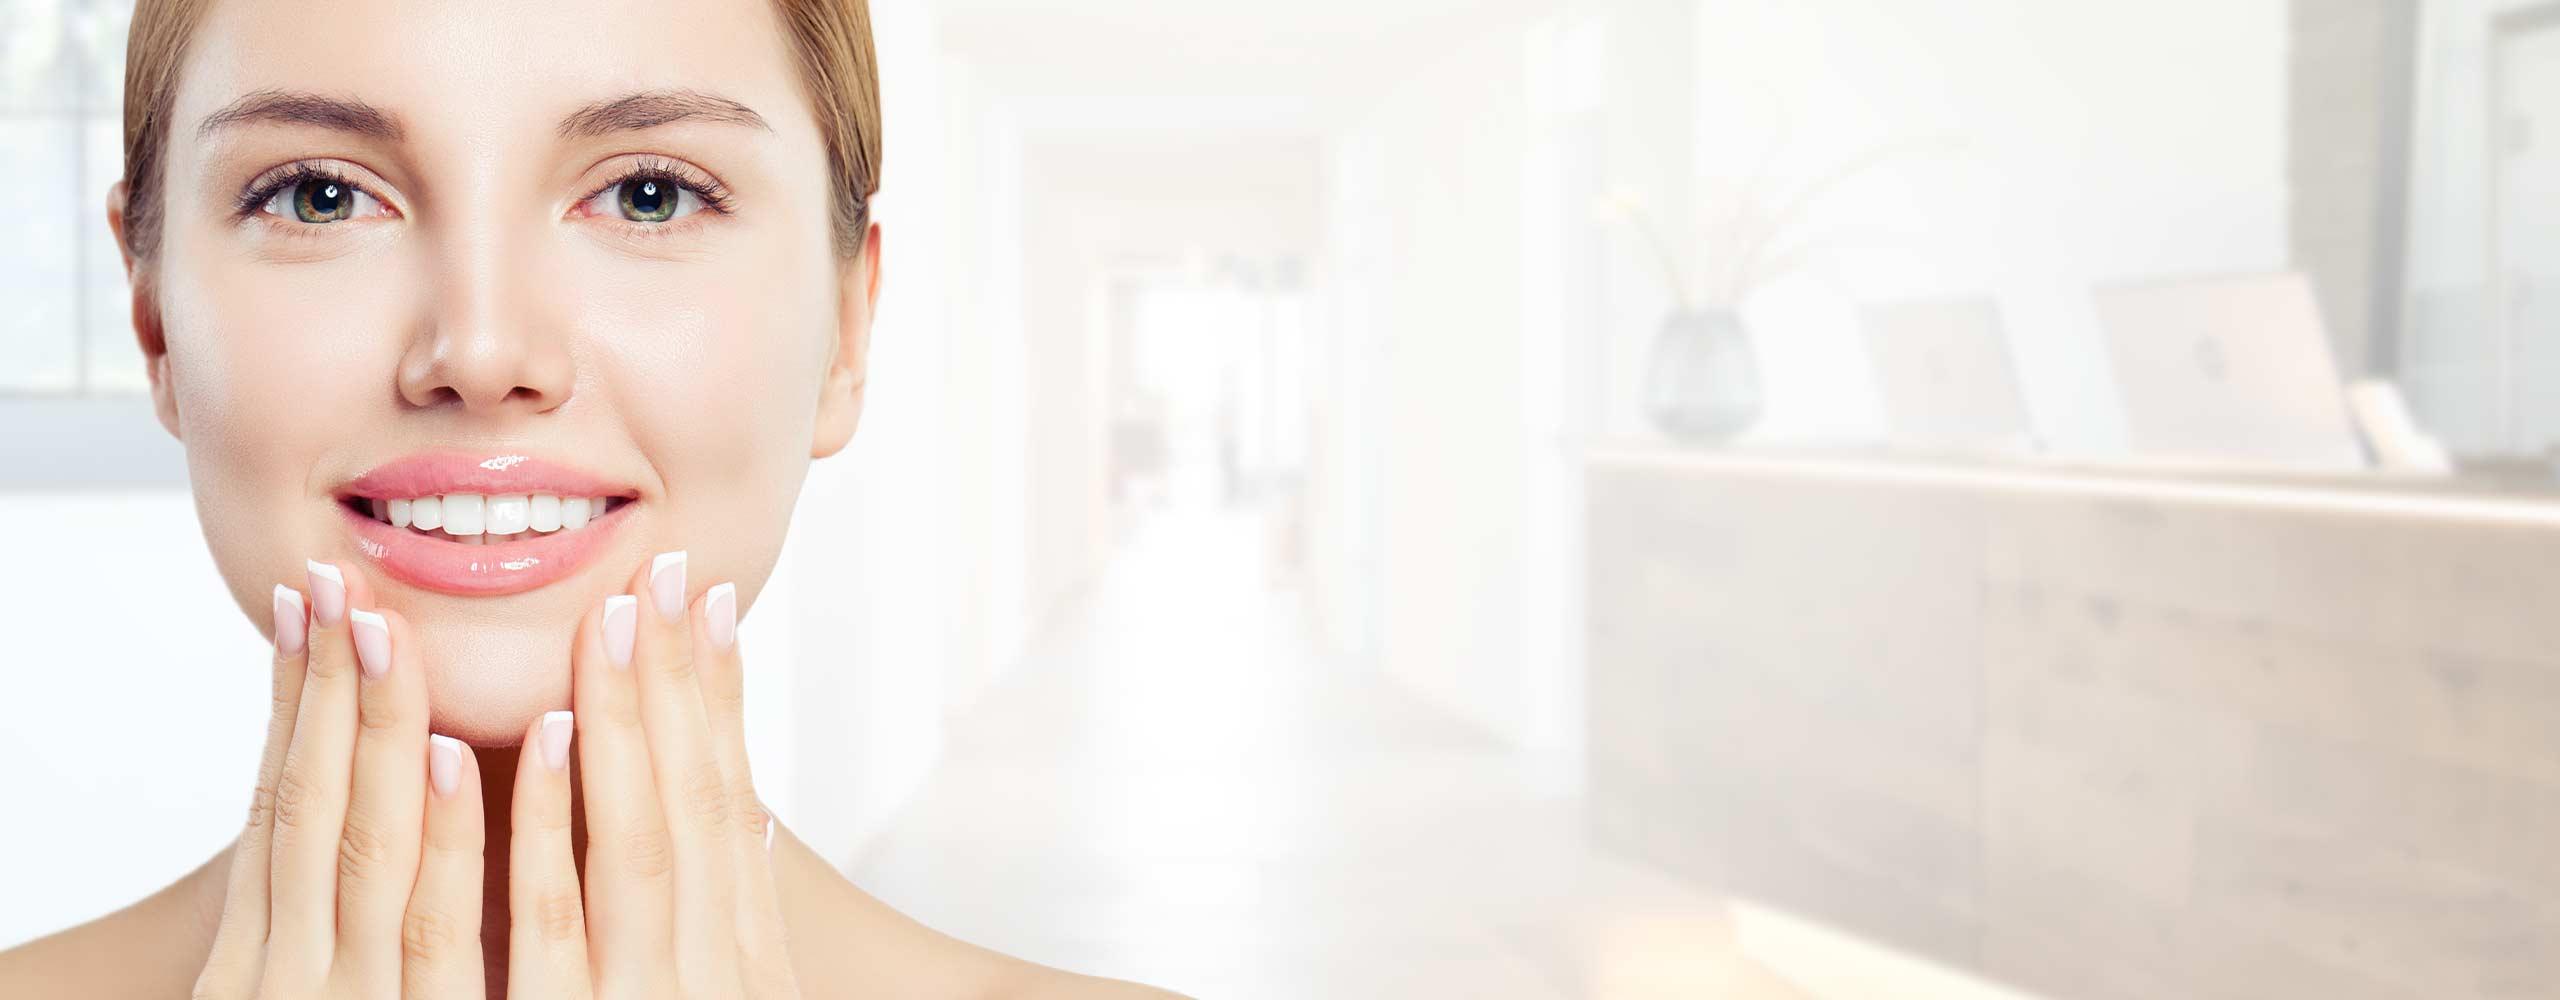 proaesthetic heidelberg schoenheitsklinik unterspritzungen mundwinkel